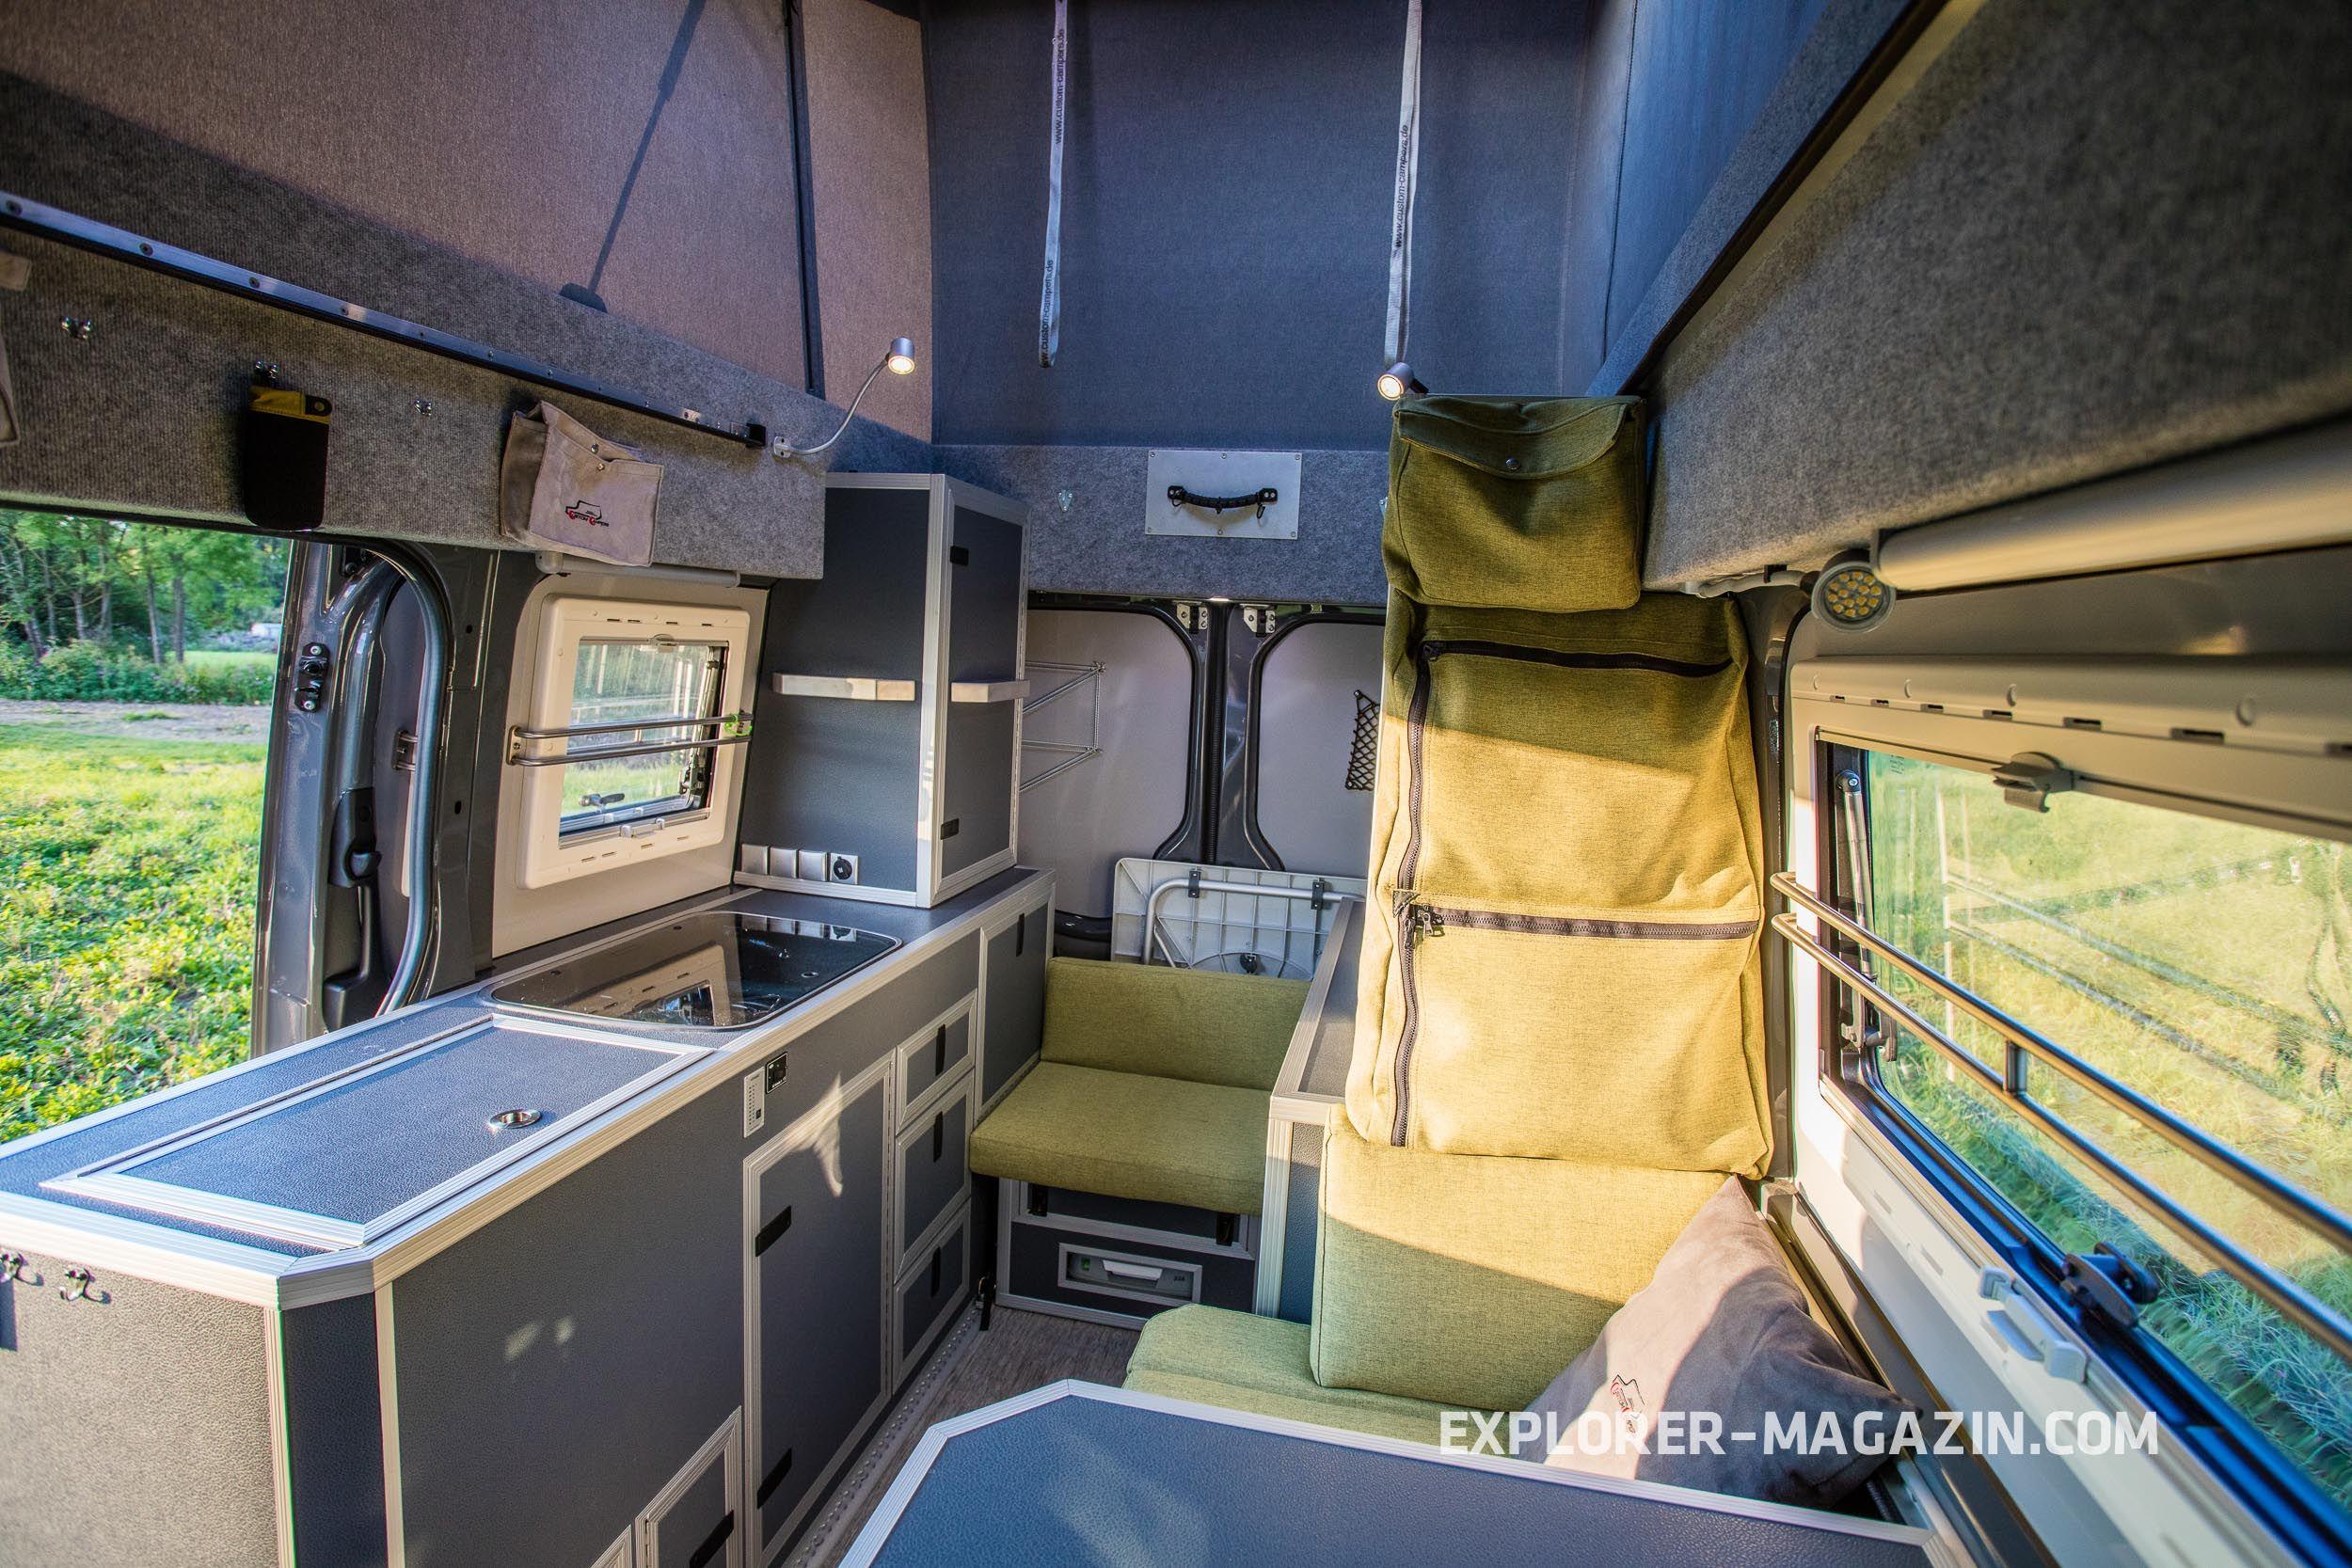 Vw Crafter 4motion Vergleich Aufstelldach Reisemobil Wohnmobil Sprinter